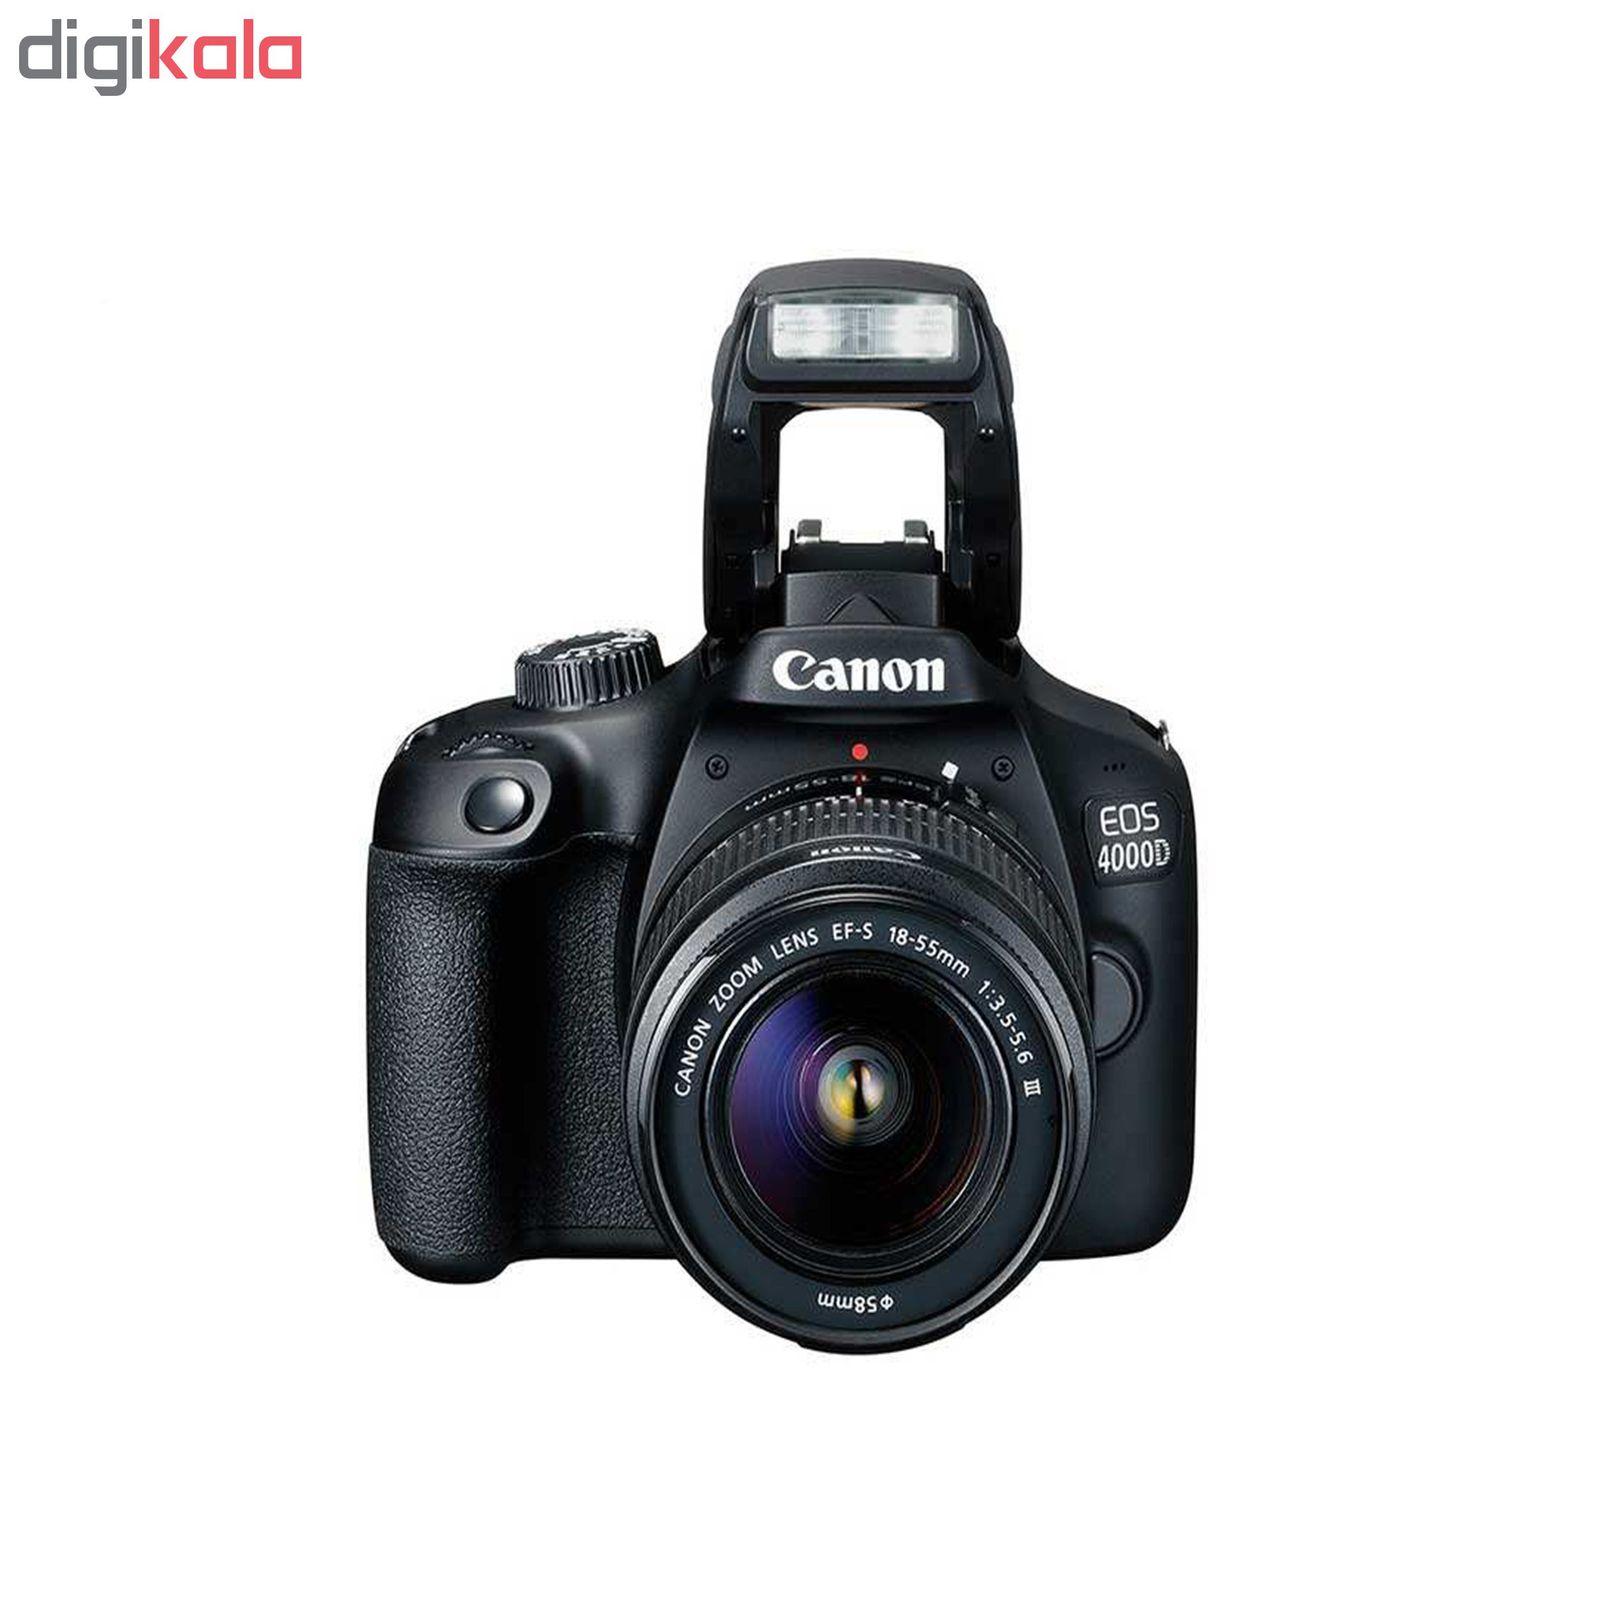 دوربین دیجیتال کانن مدل EOS 4000D به همراه لنز 18-55 میلی متر DC III و لوازم جانبی main 1 2